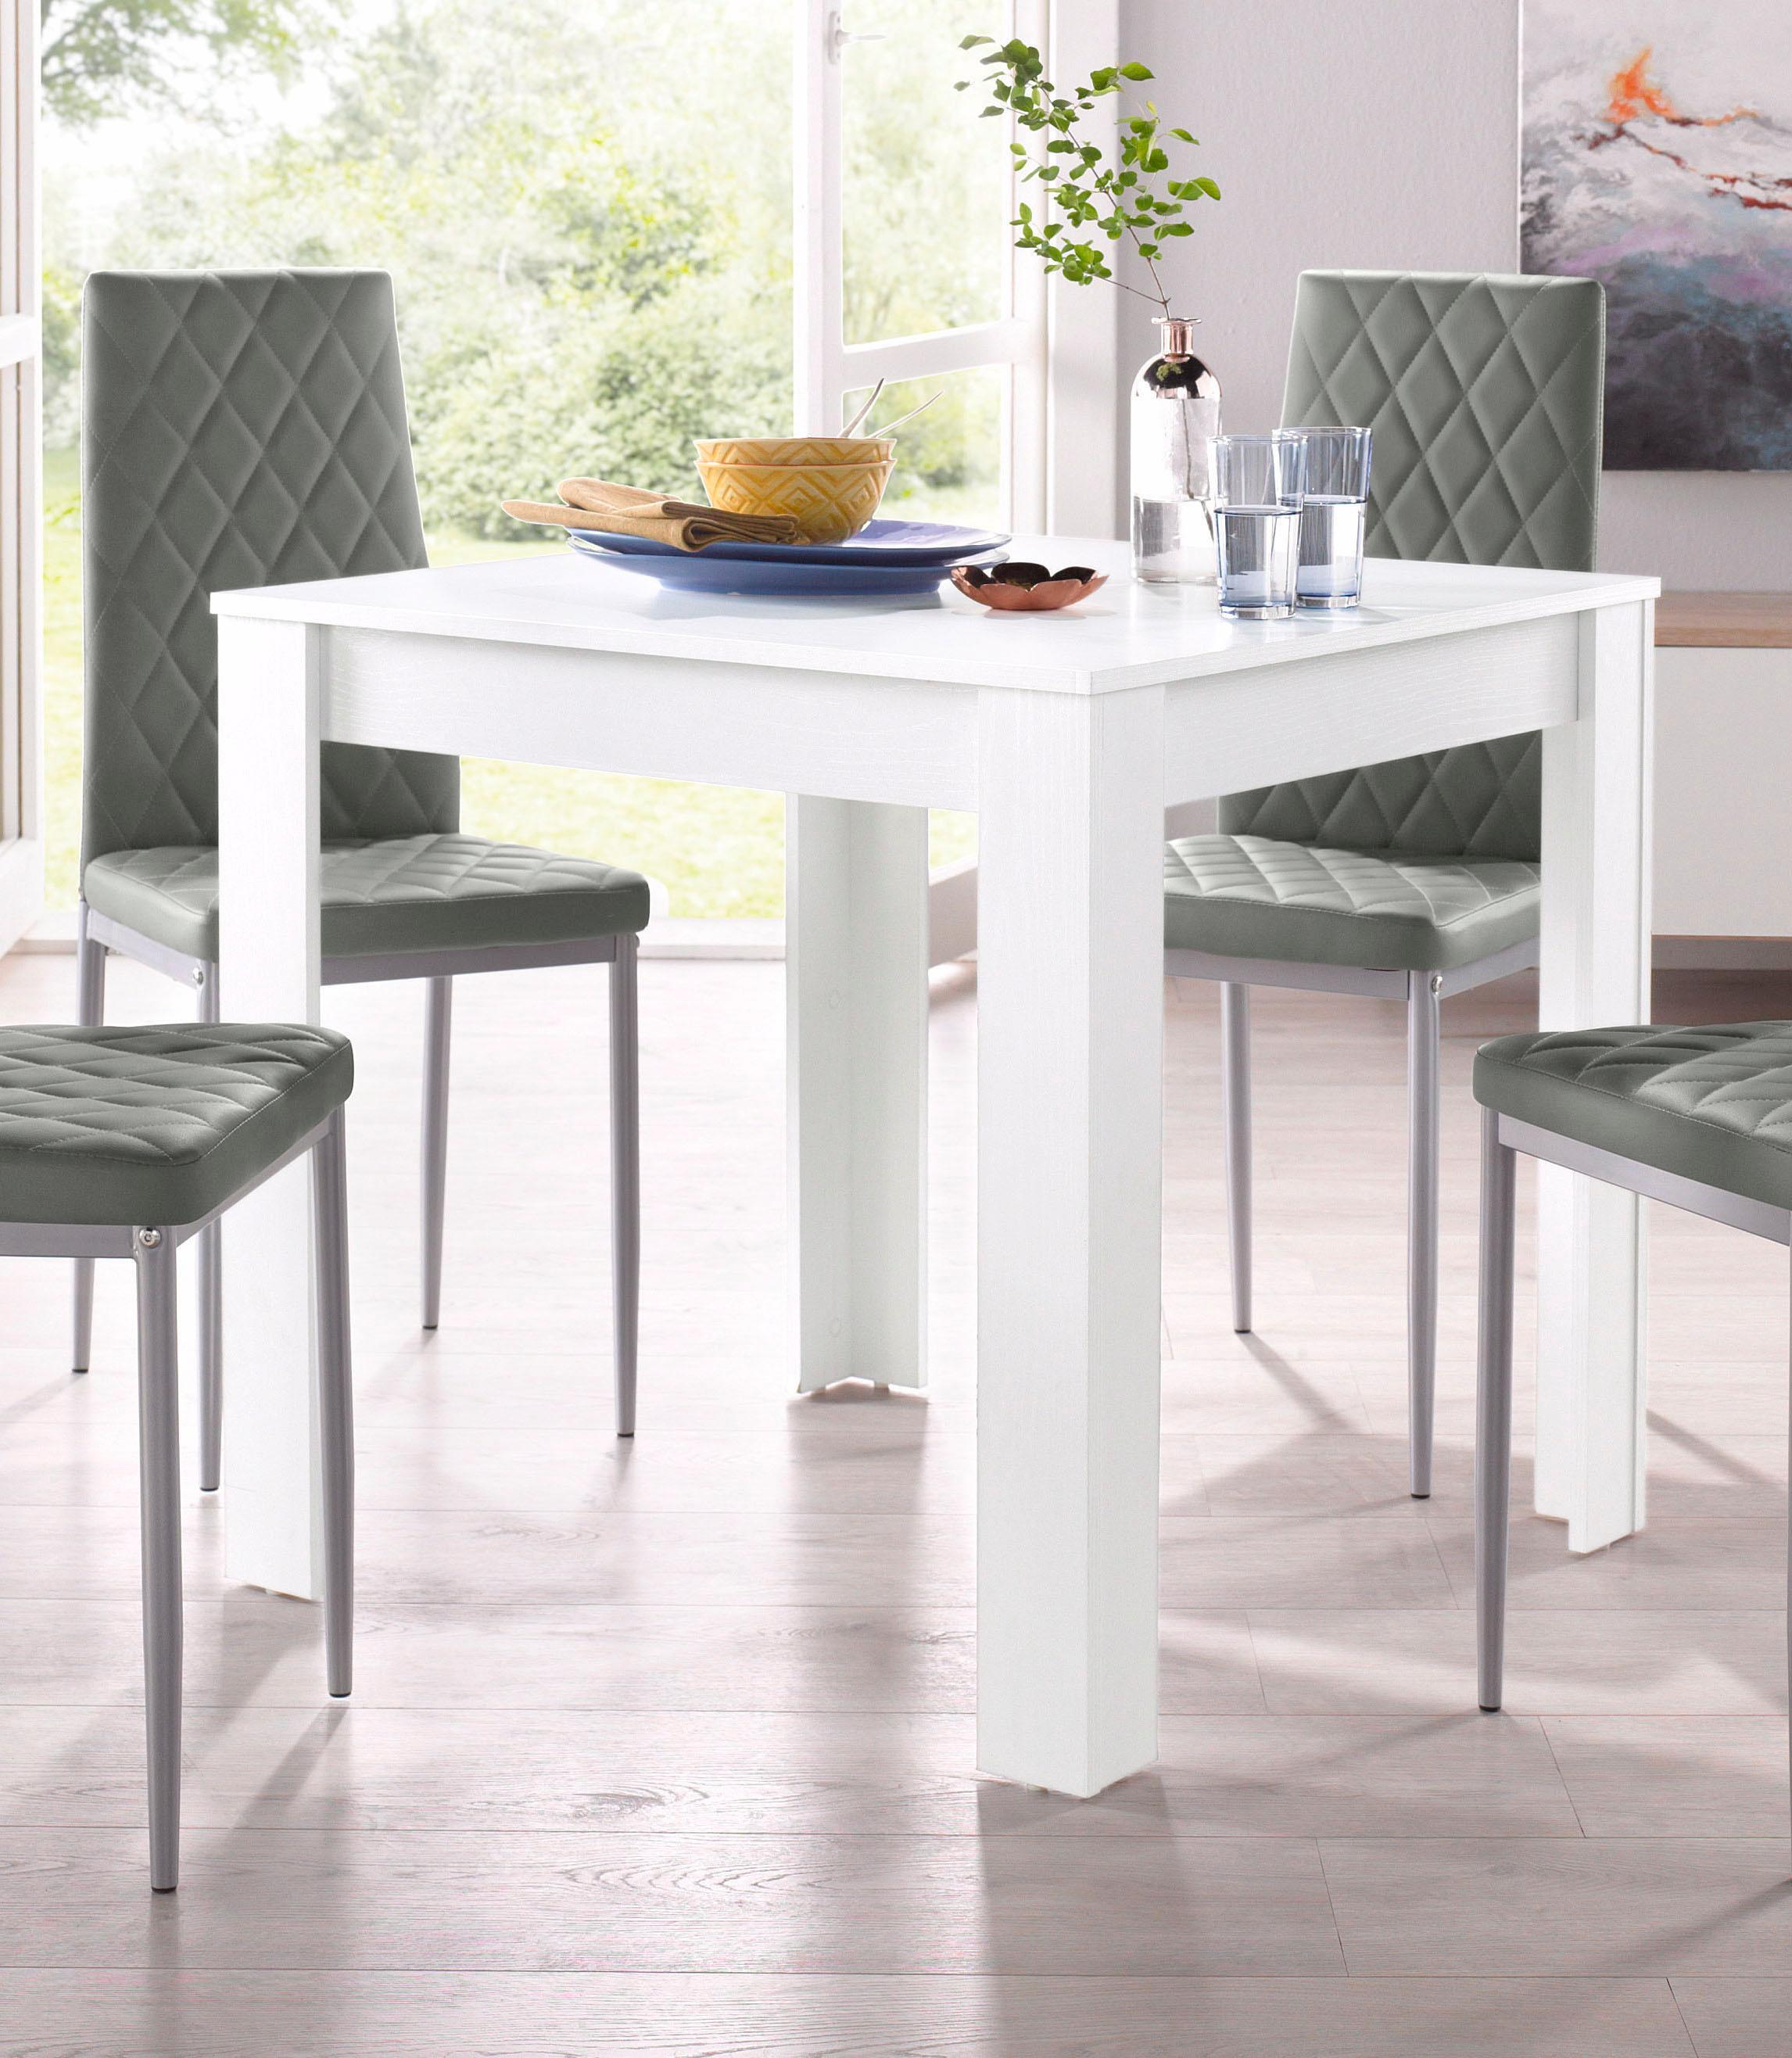 Esstisch Wohnen/Möbel/Tische/Esstische/Esstische quadratisch